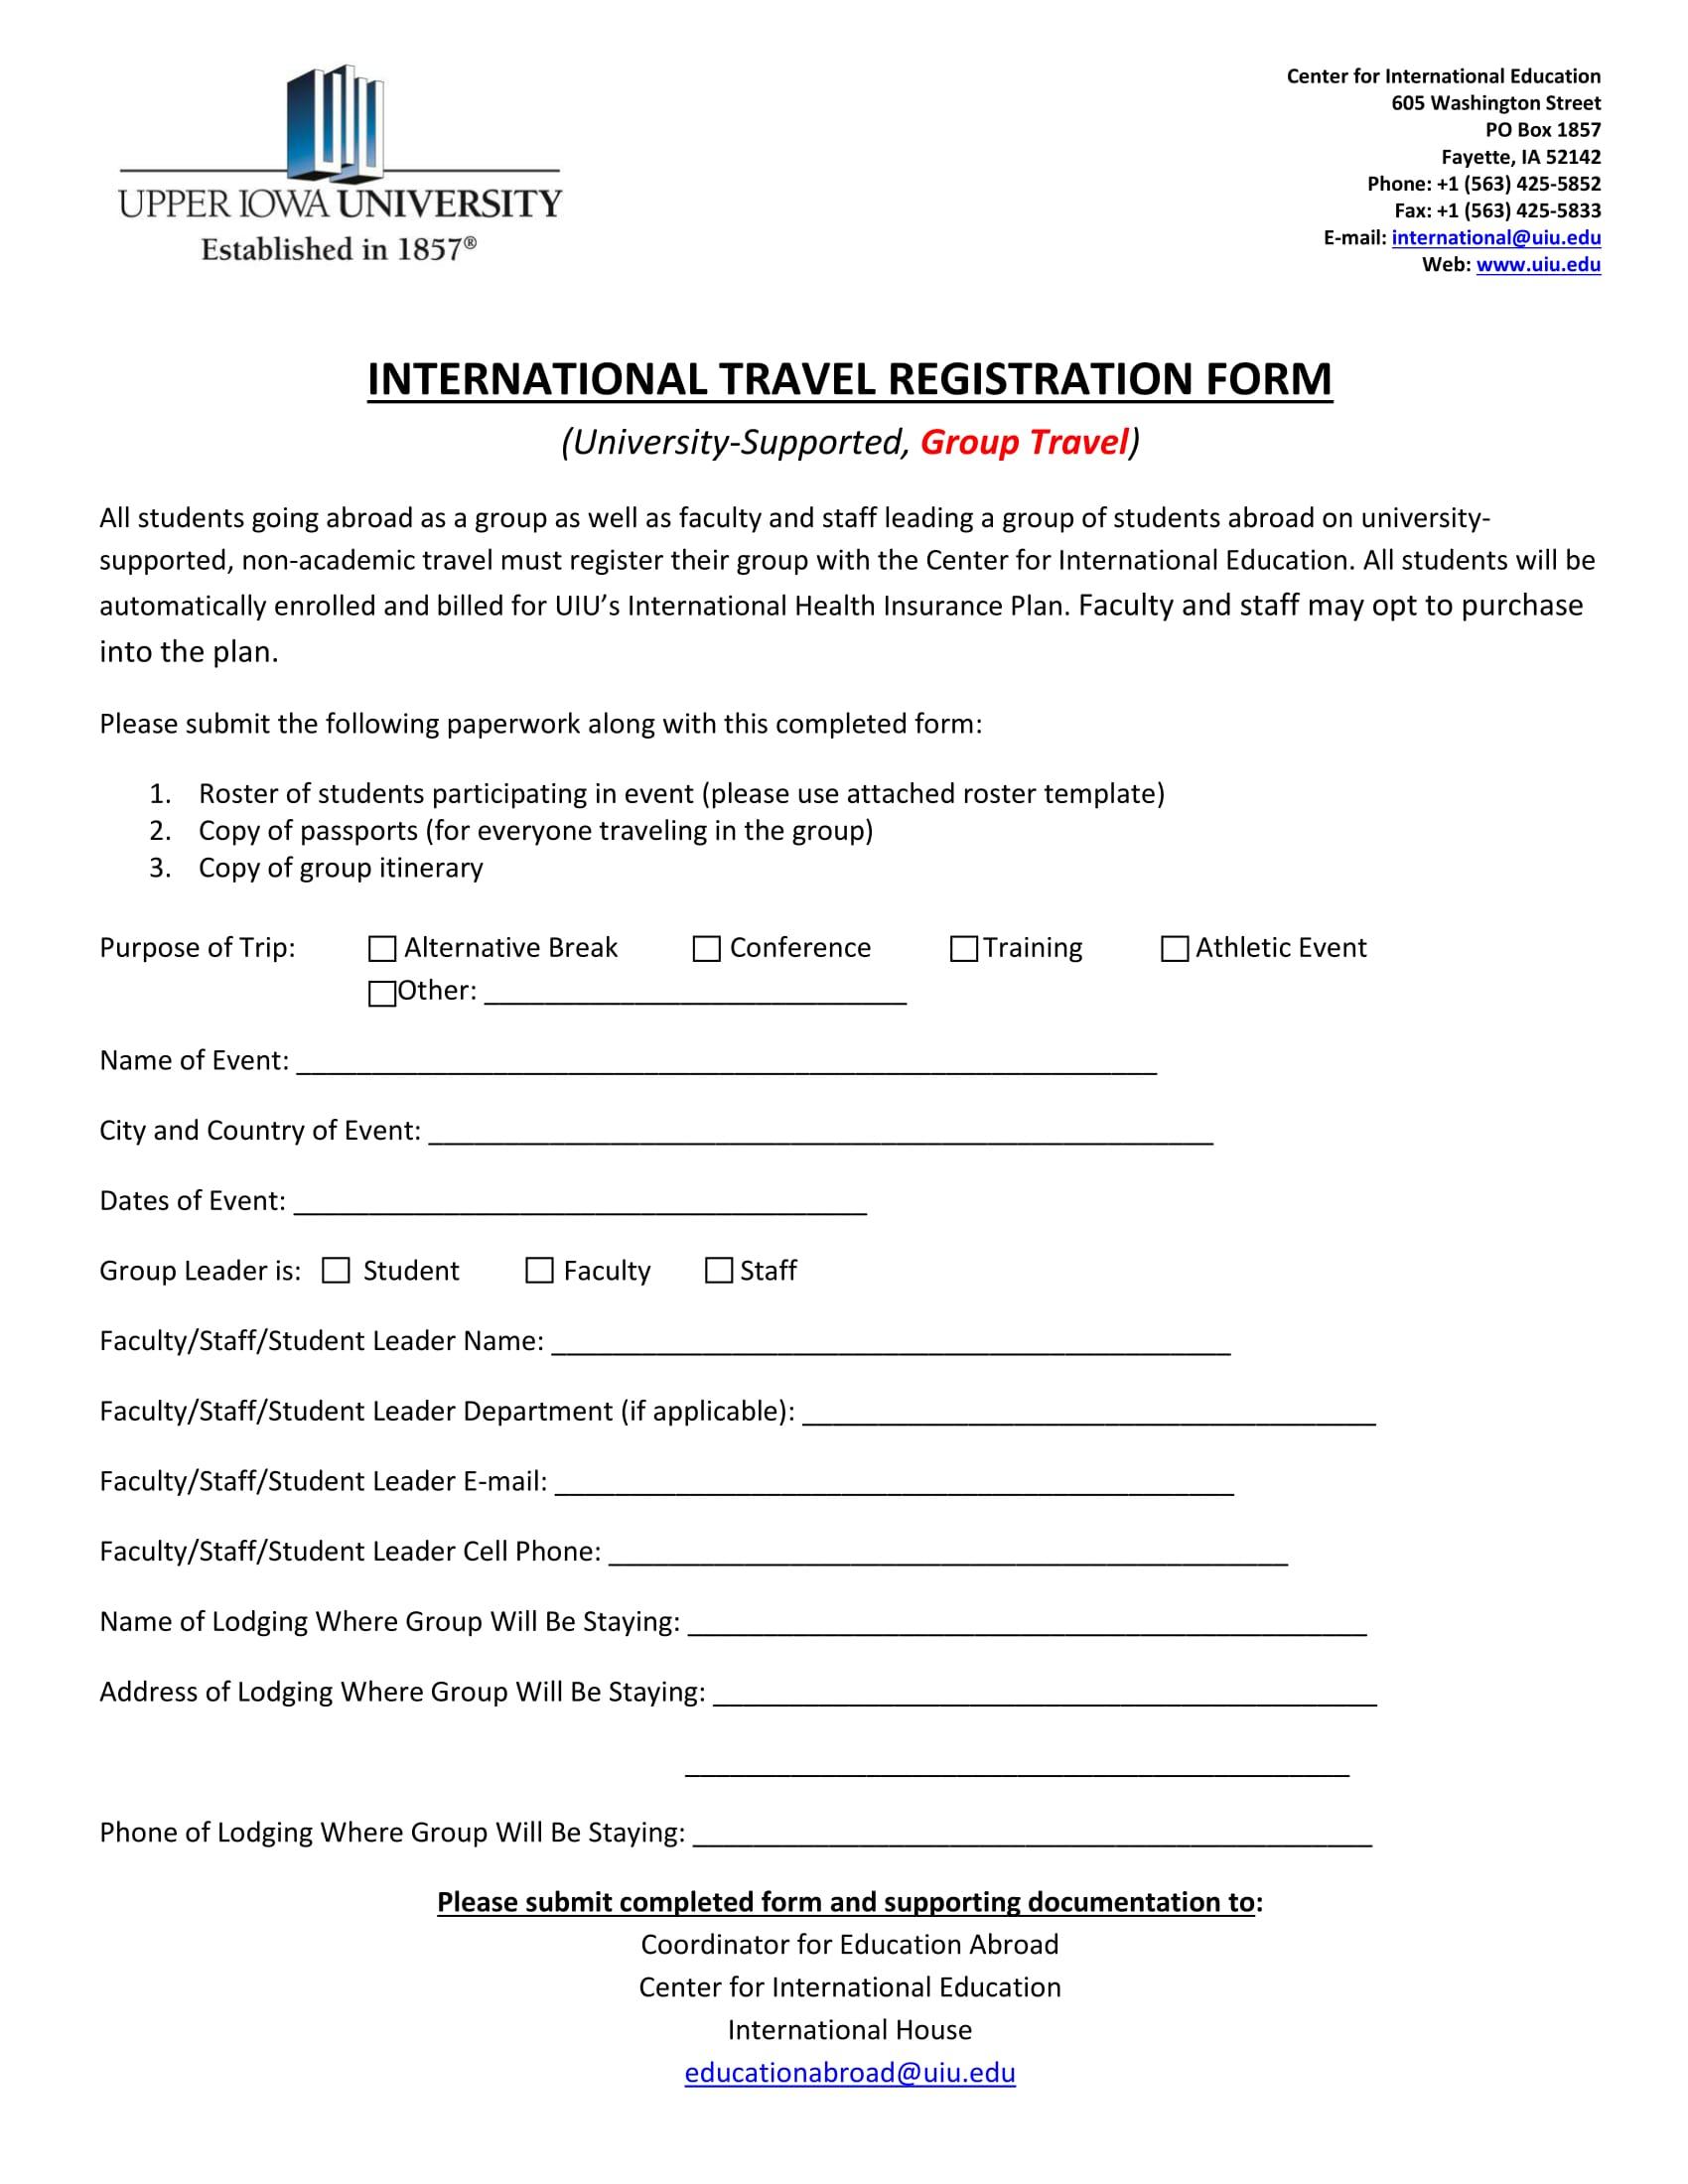 travel registration form 11